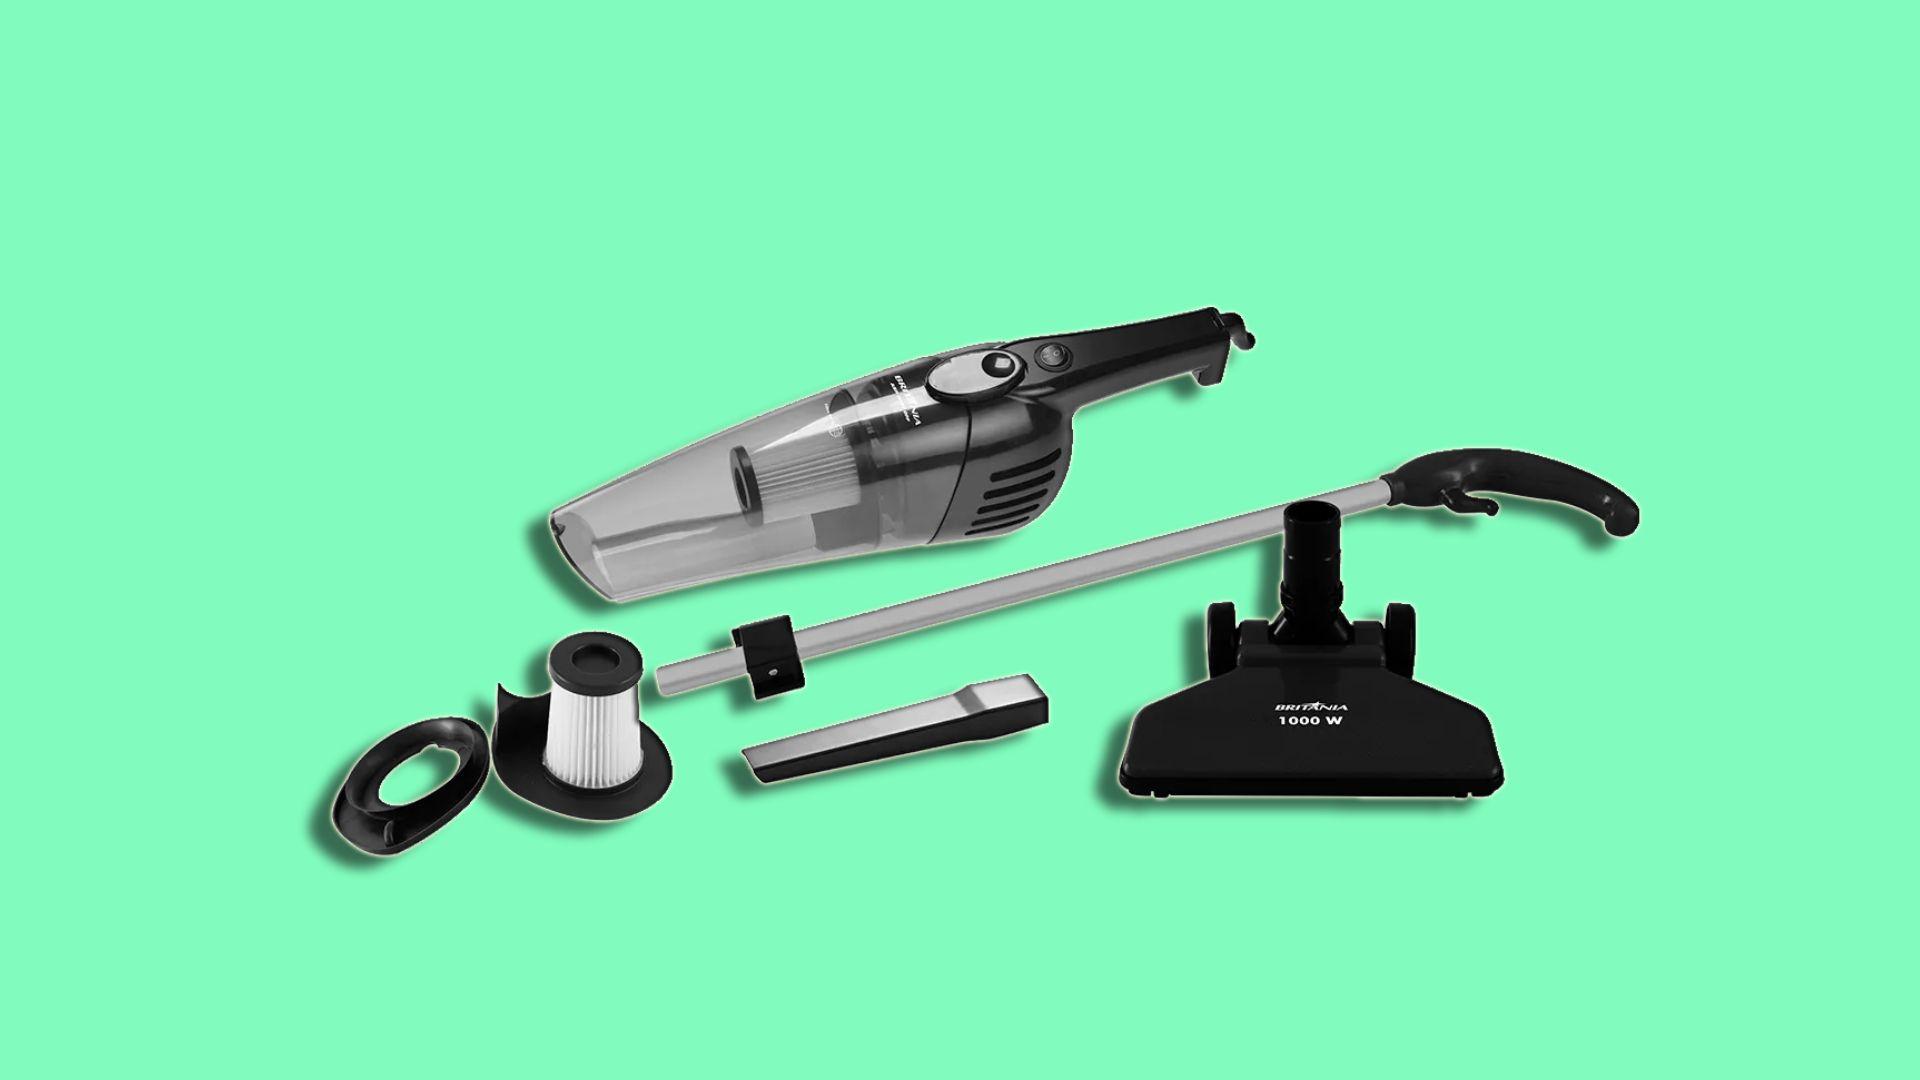 O aspirador de pó Britânia vem com alguns bocais que facilitam a limpeza de diversos ambientes da casa. (Imagem: Divulgação/Britânia)